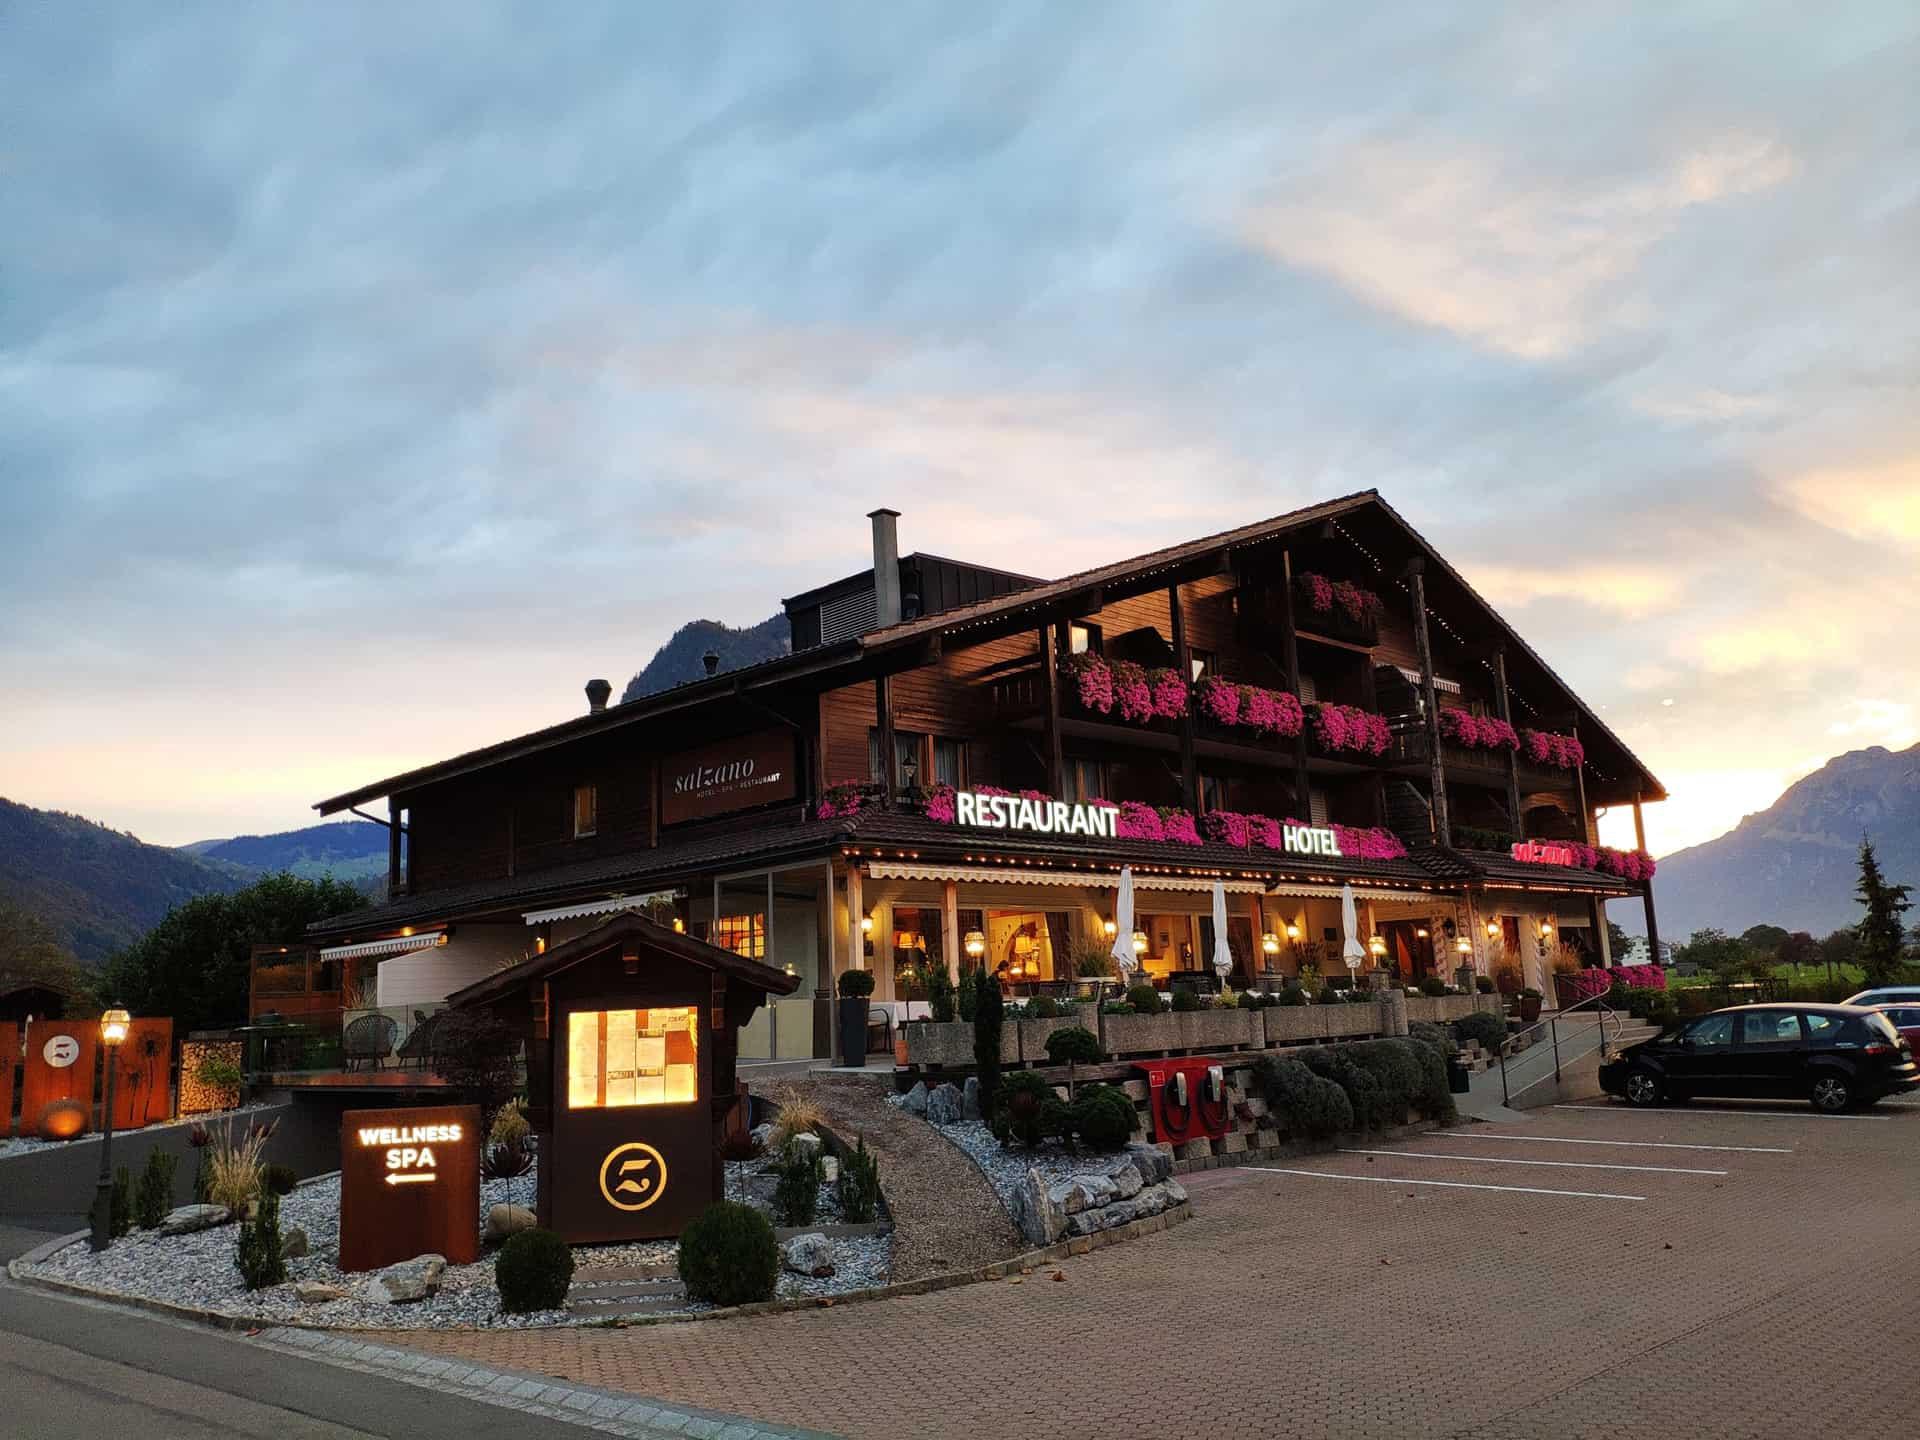 Genusswoche 2019: Durch die Lombach-Alp